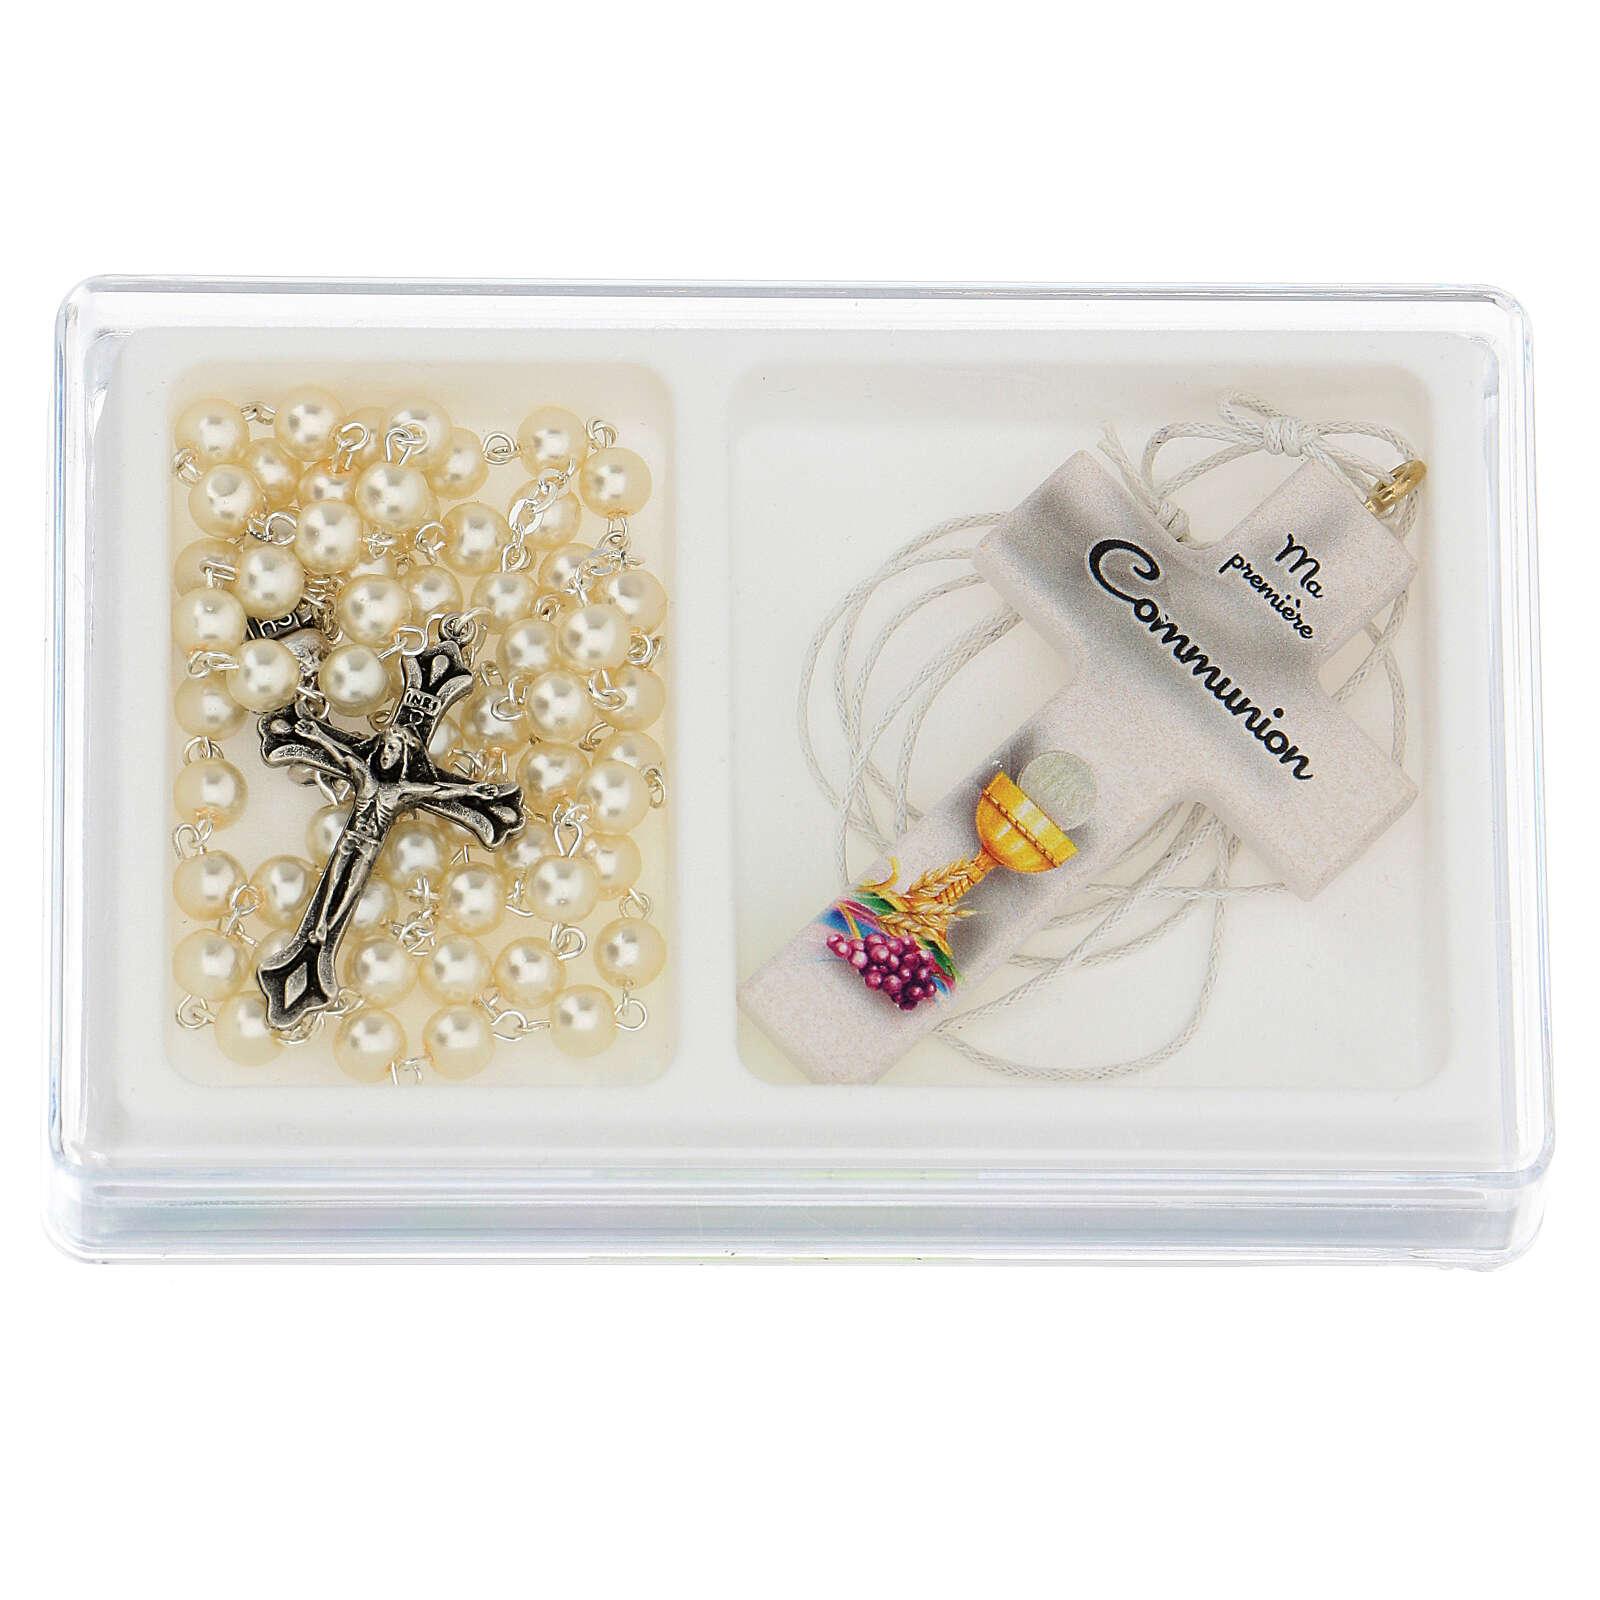 Ricordo Comunione rosario e croce bianca francese 3